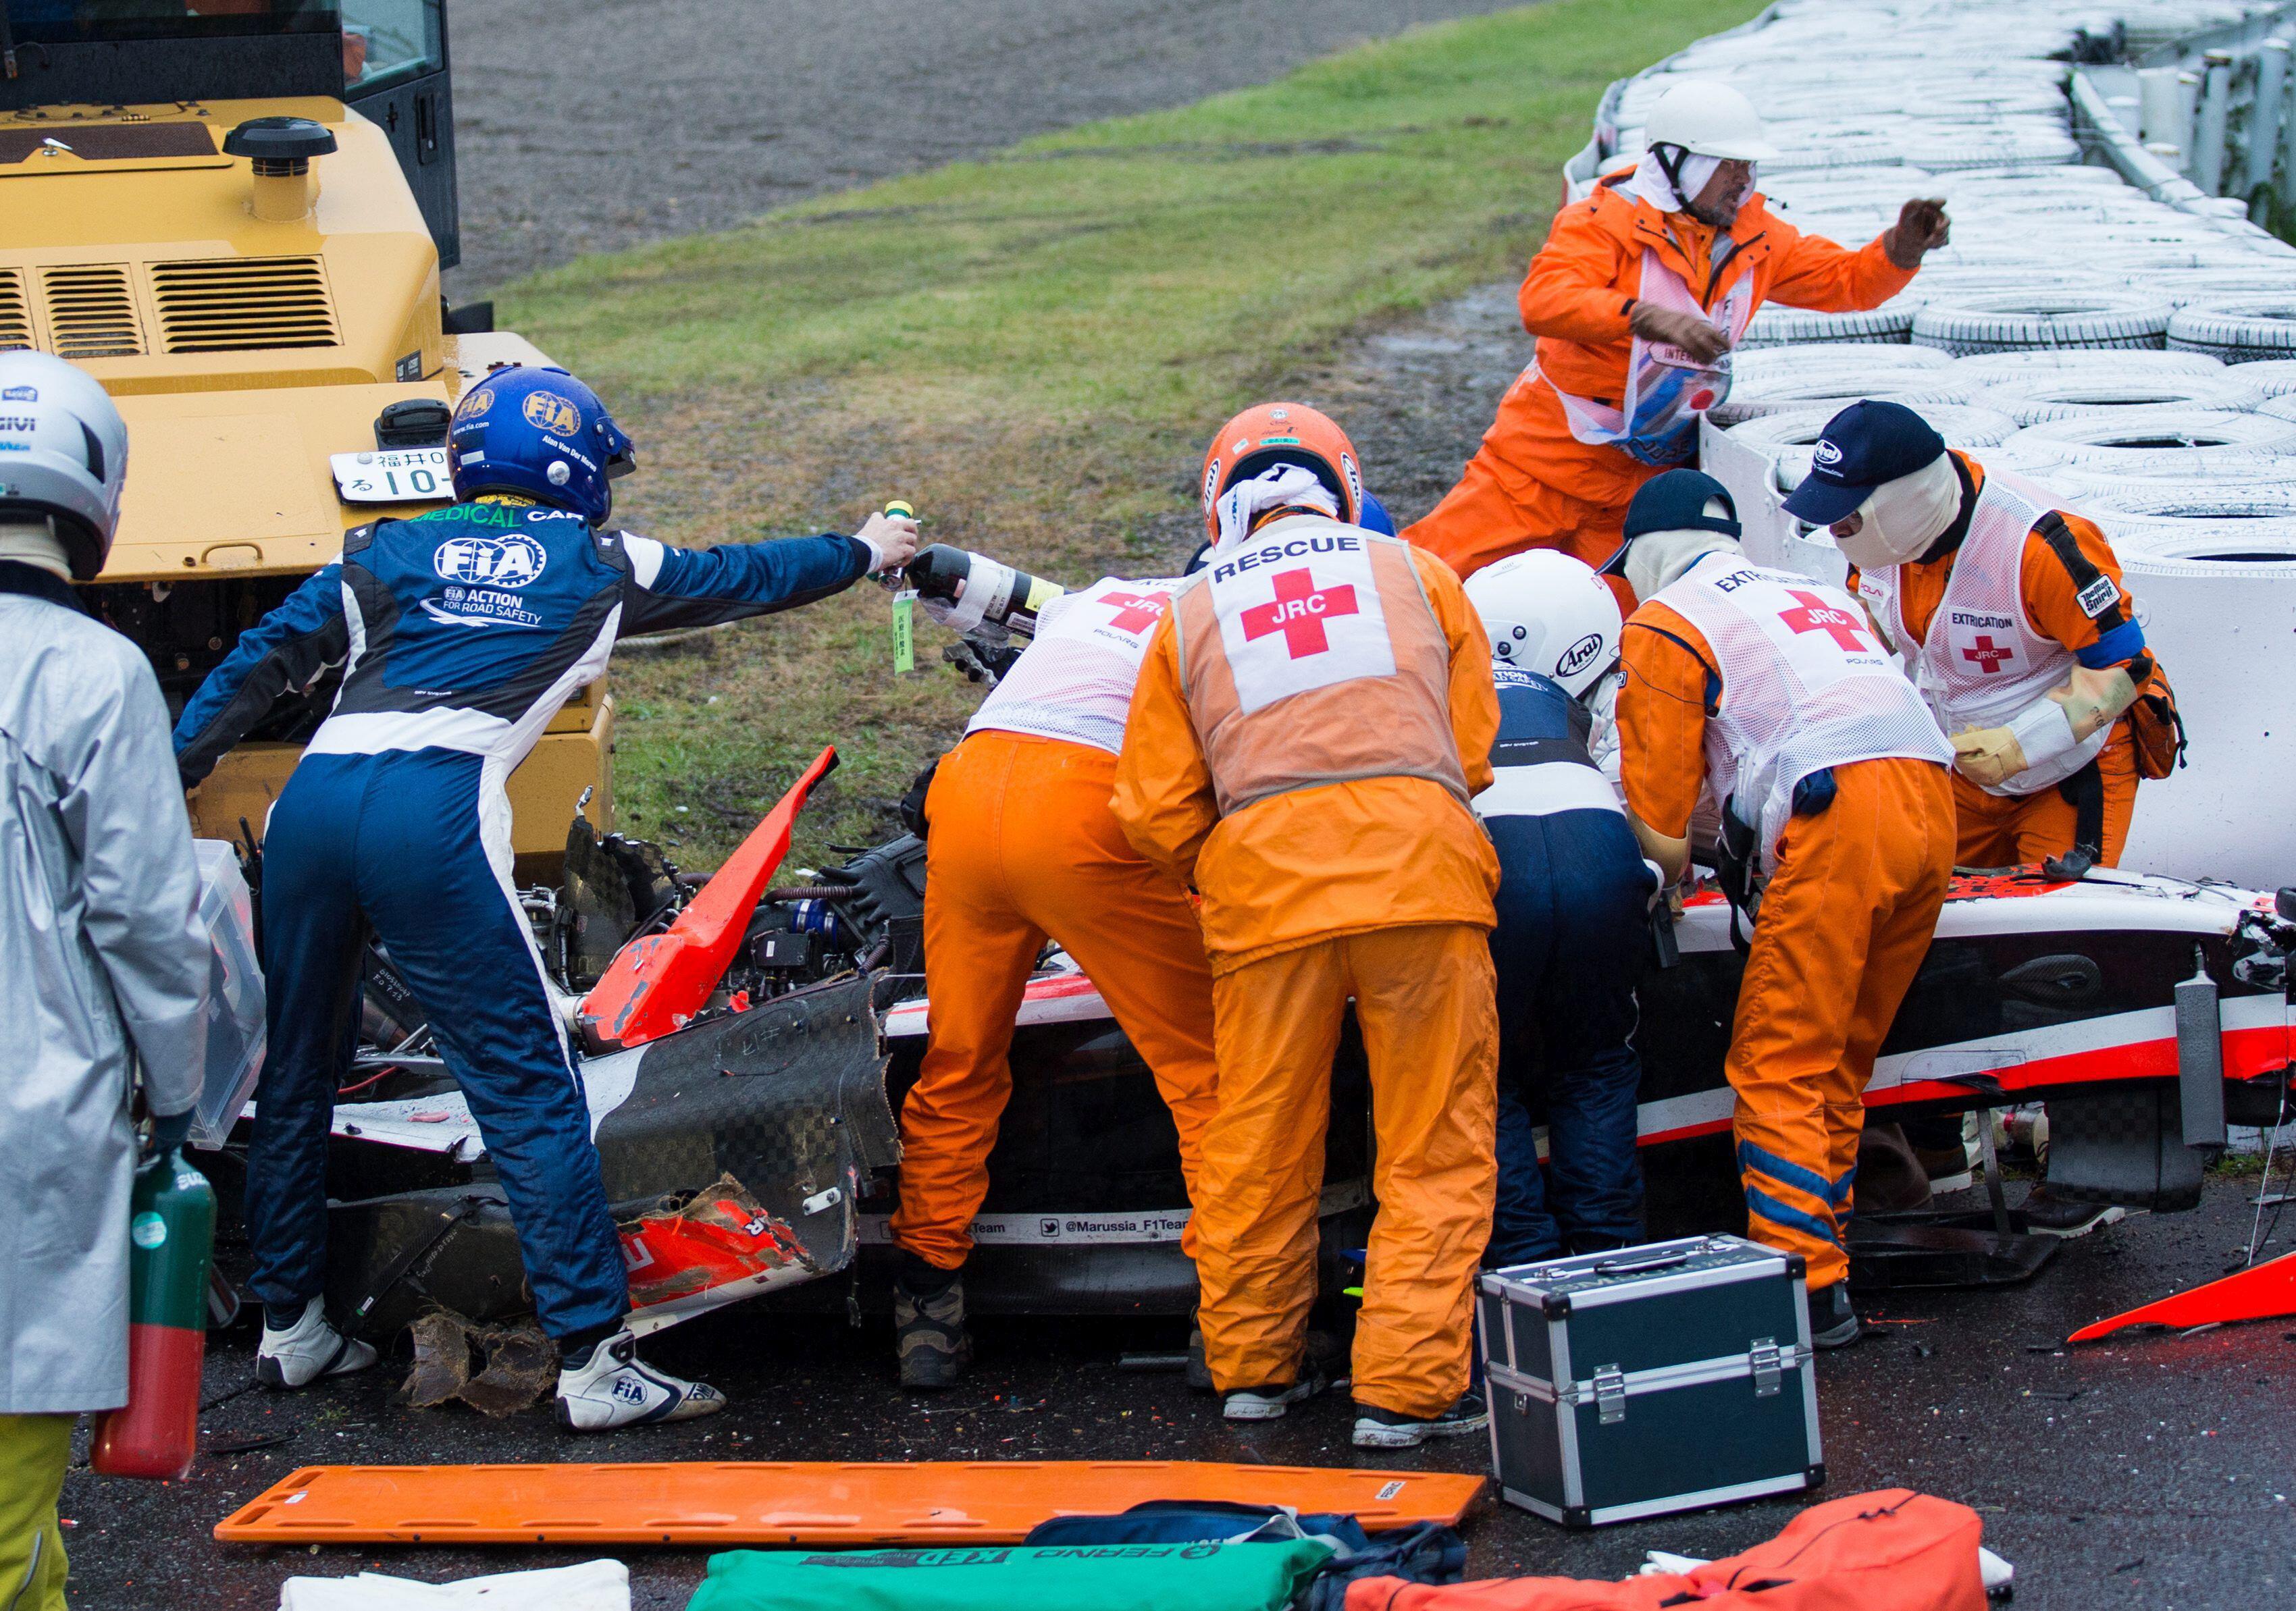 Bild zu Formel-1-Pilot Jules Bianchi ist beim Großen preis von Japan schwer verunglückt.